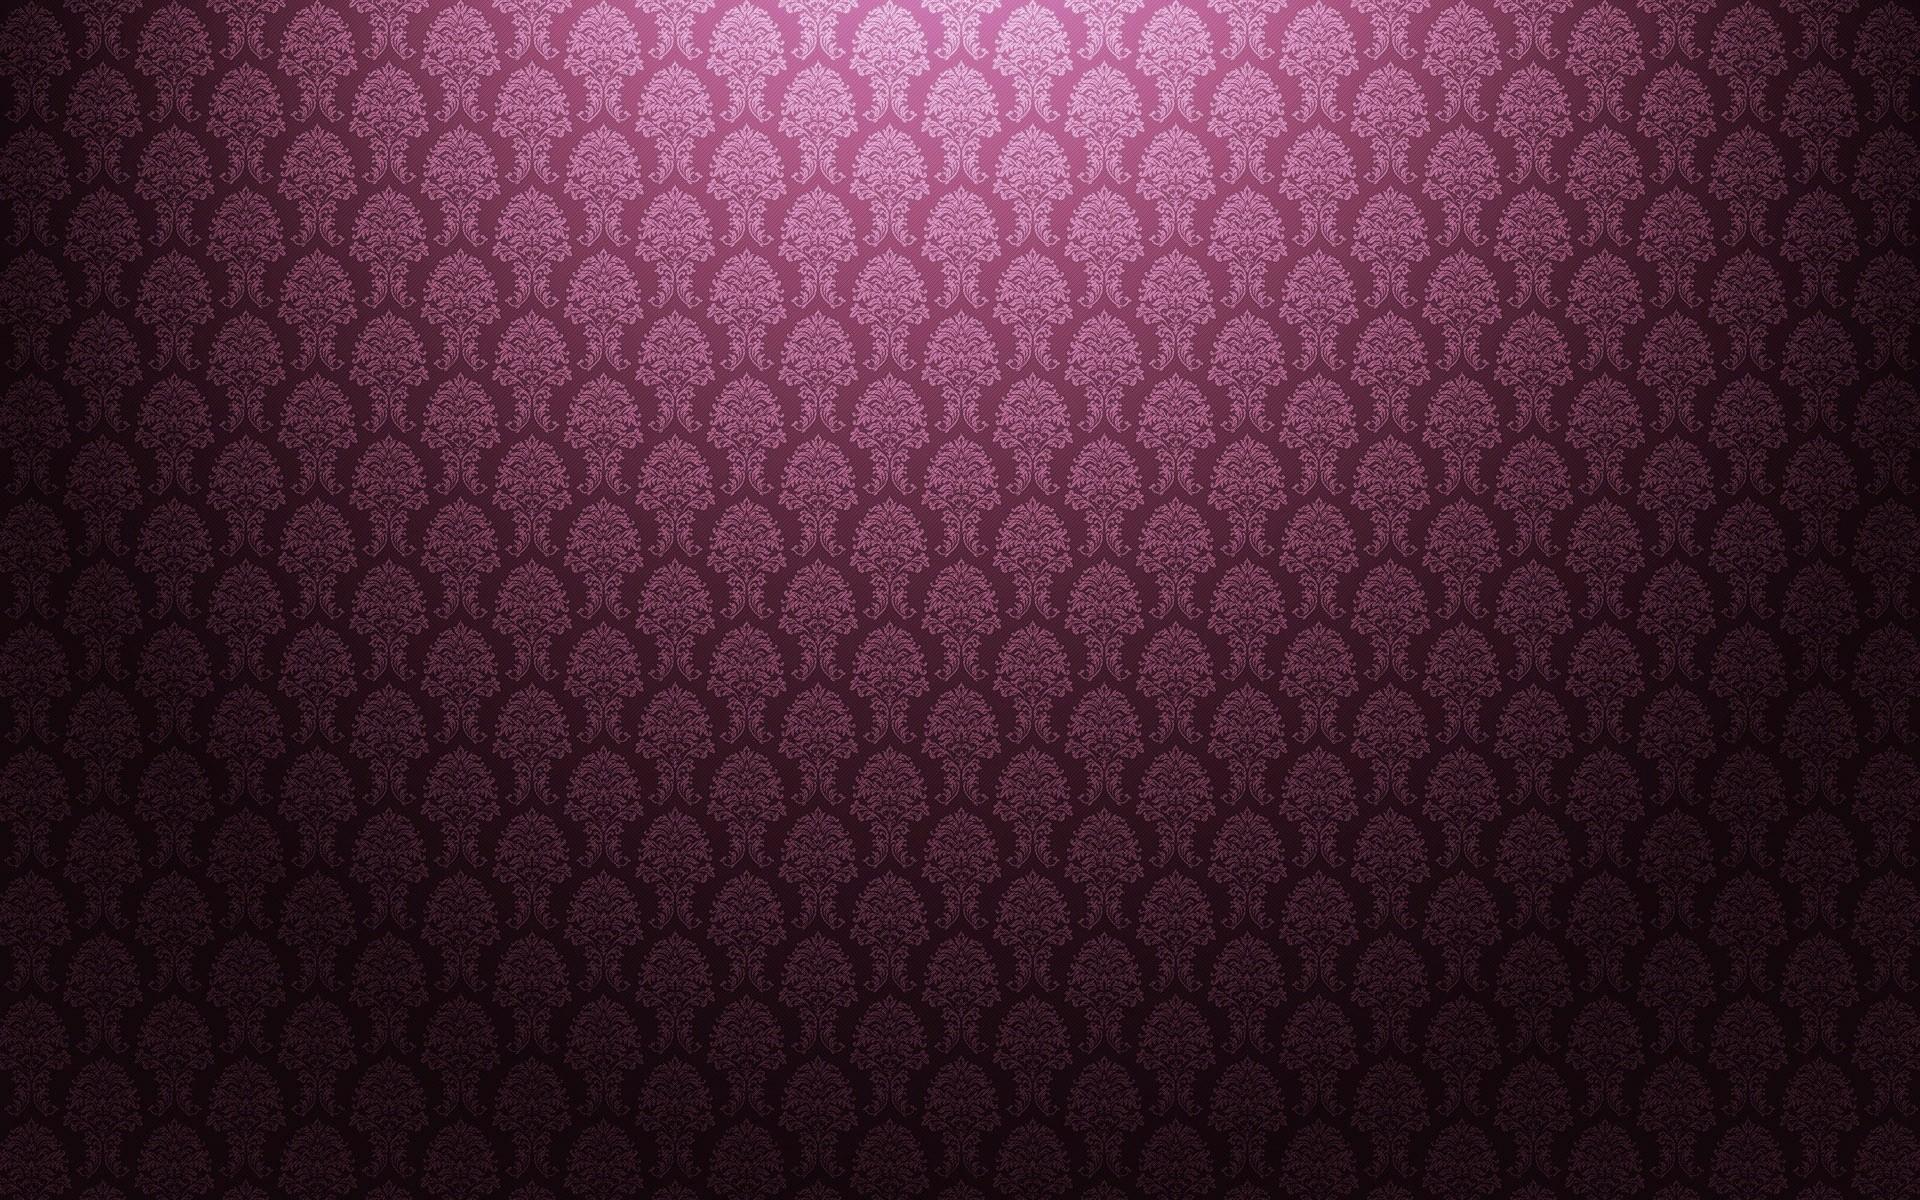 wallpaper pattern – Google Search